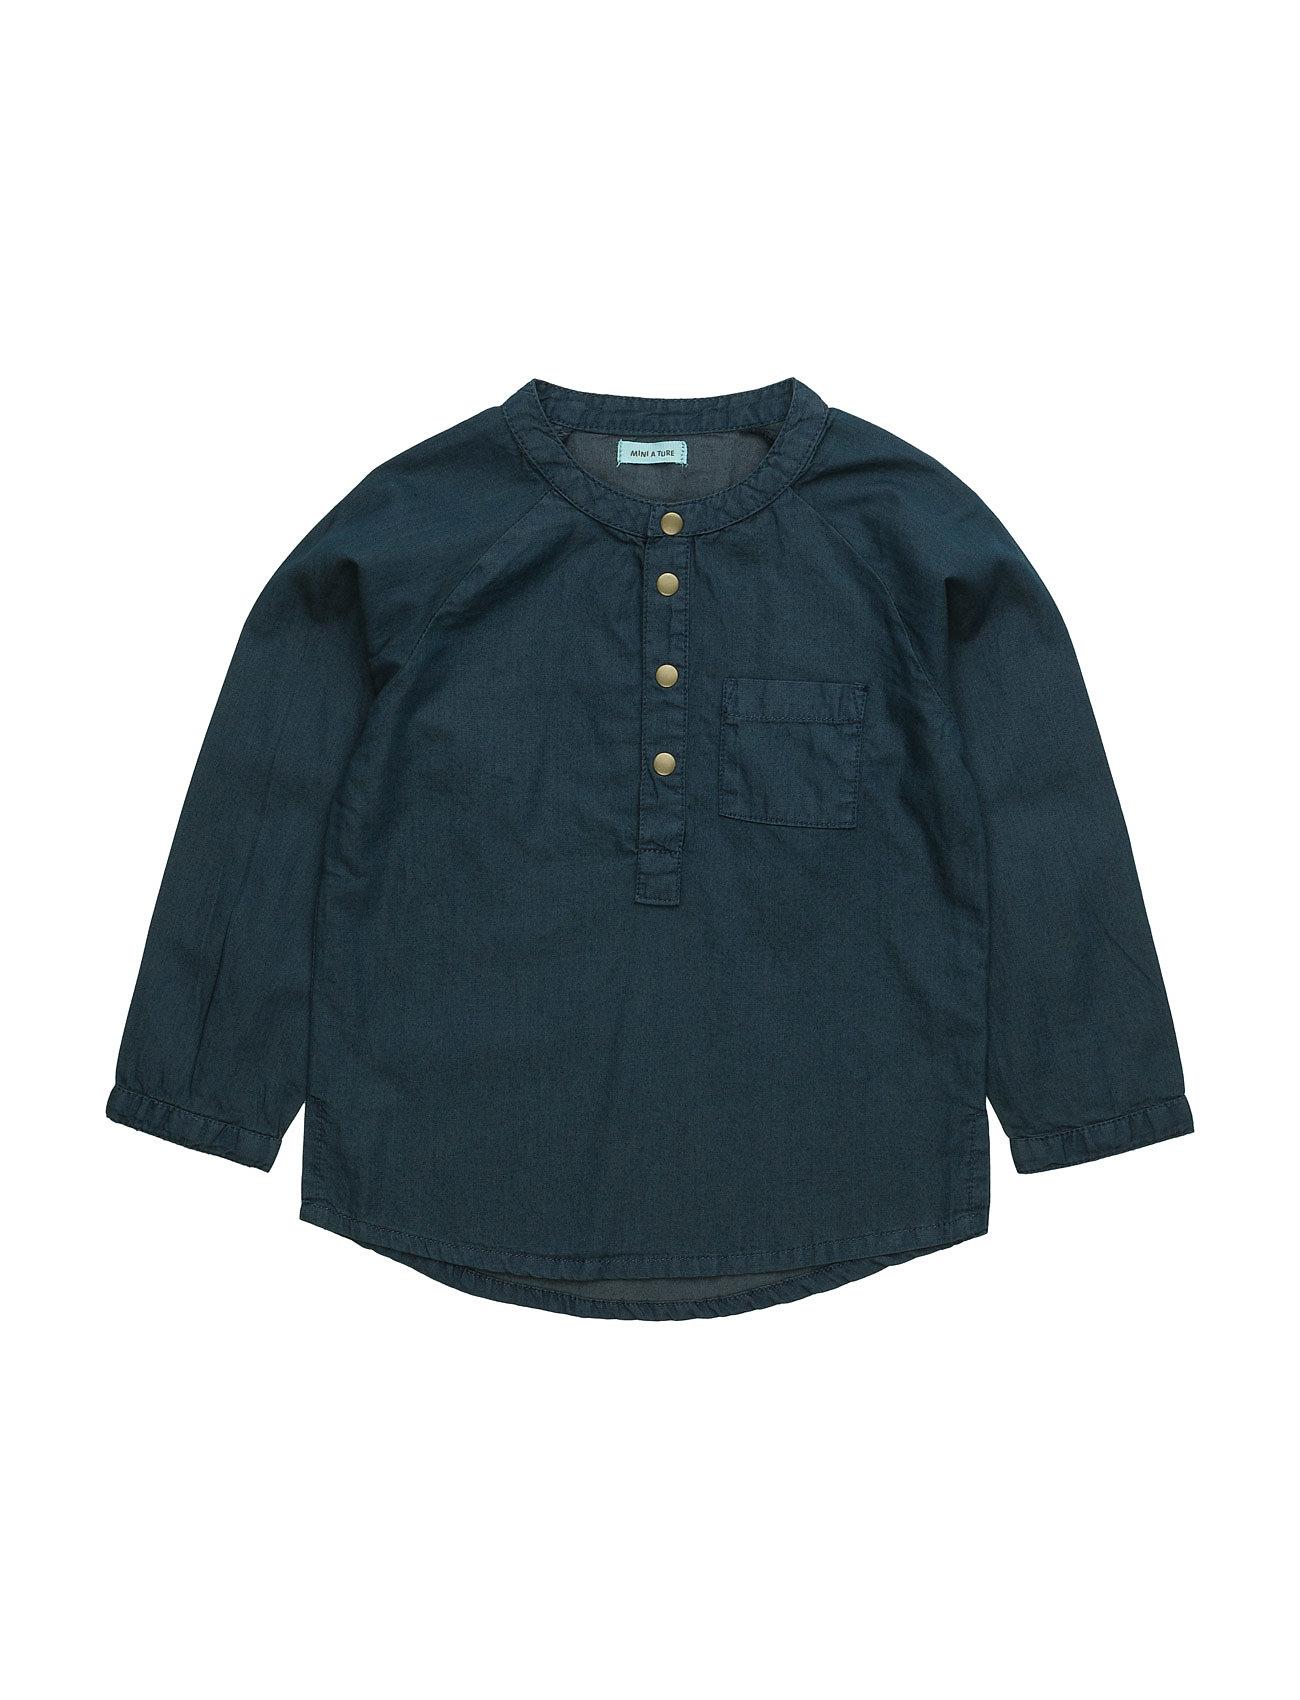 Mini A Ture Alton, BM Shirt LS